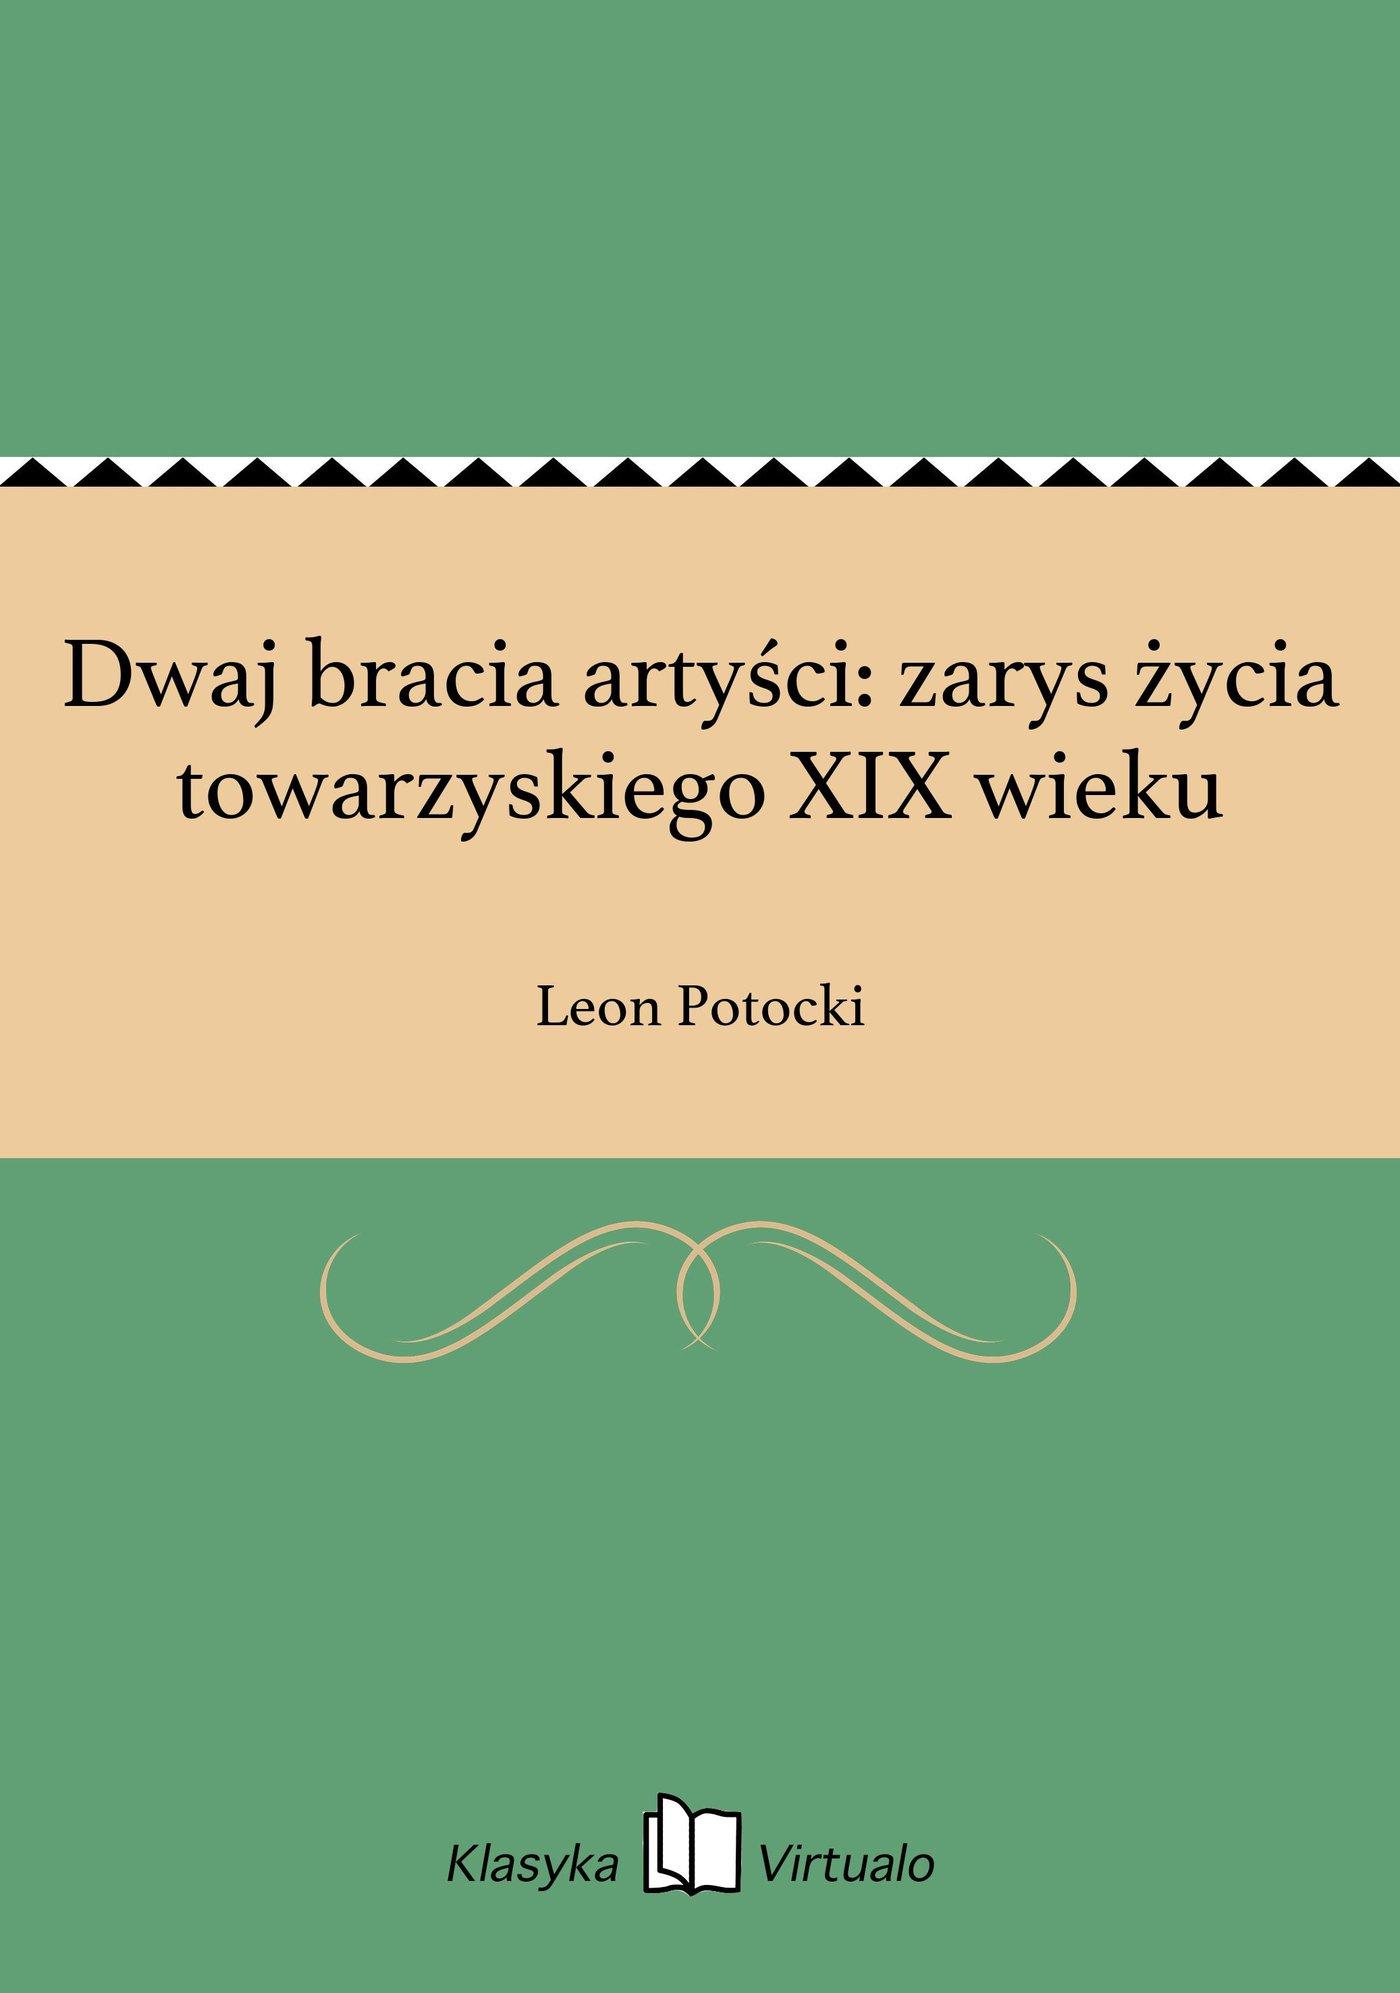 Dwaj bracia artyści: zarys życia towarzyskiego XIX wieku - Ebook (Książka EPUB) do pobrania w formacie EPUB